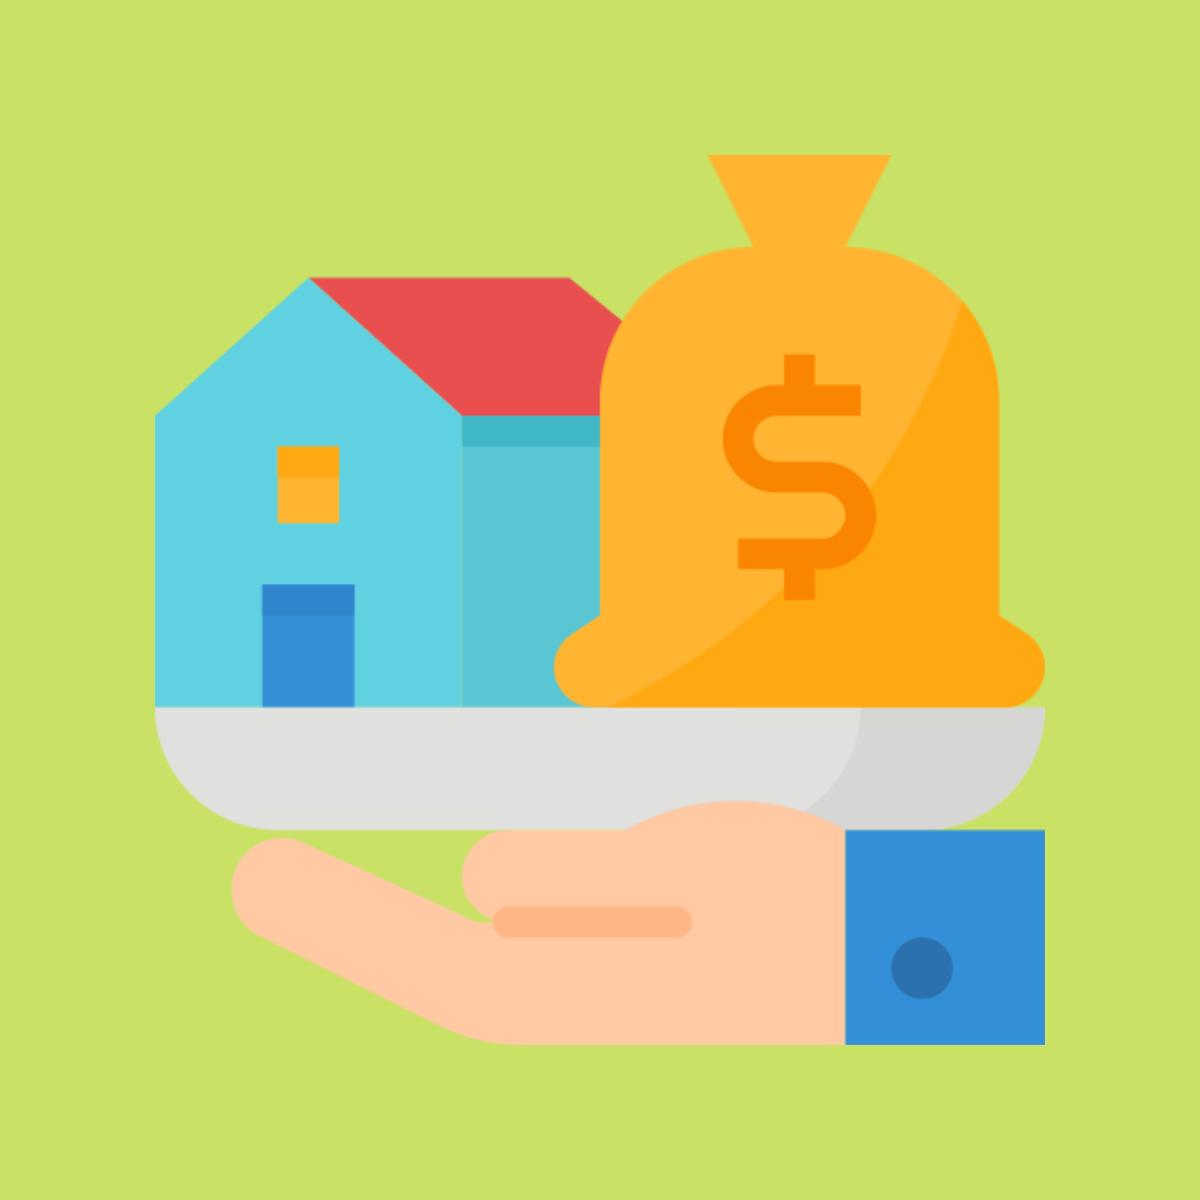 Acheter une maison au Canada avec un mauvais crédit